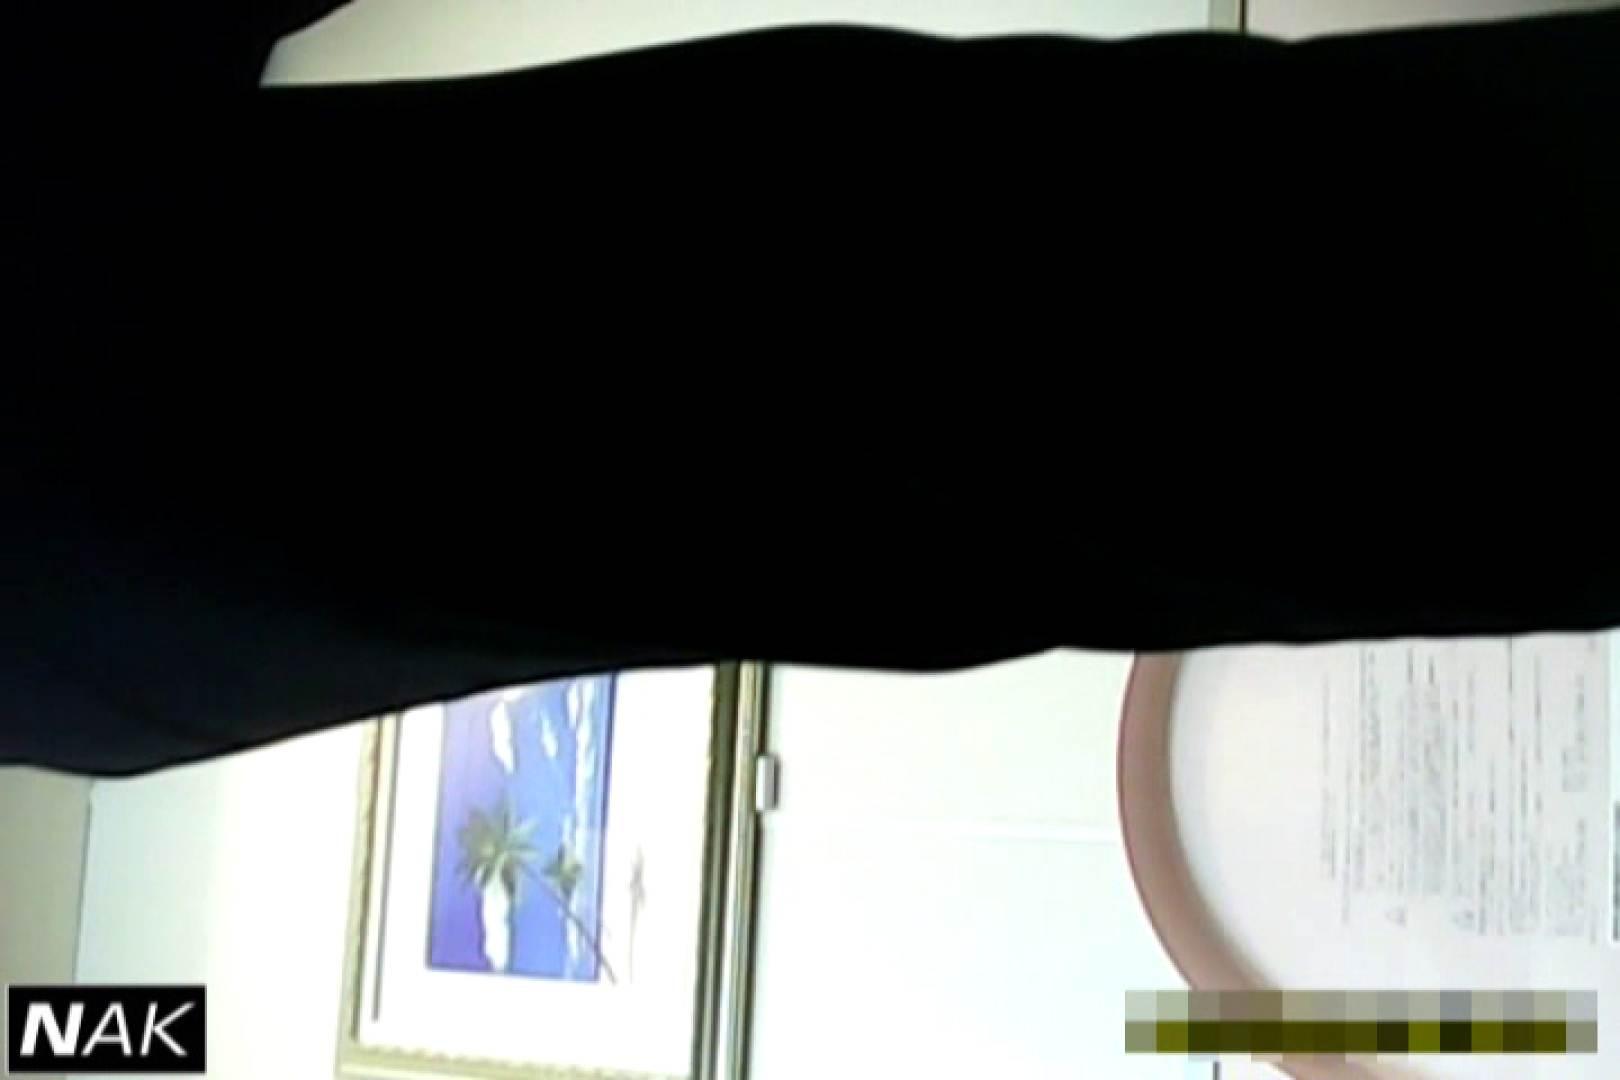 超高画質5000K!脅威の1点集中かわや! vol.01 モロだしオマンコ   美しいOLの裸体  89pic 19